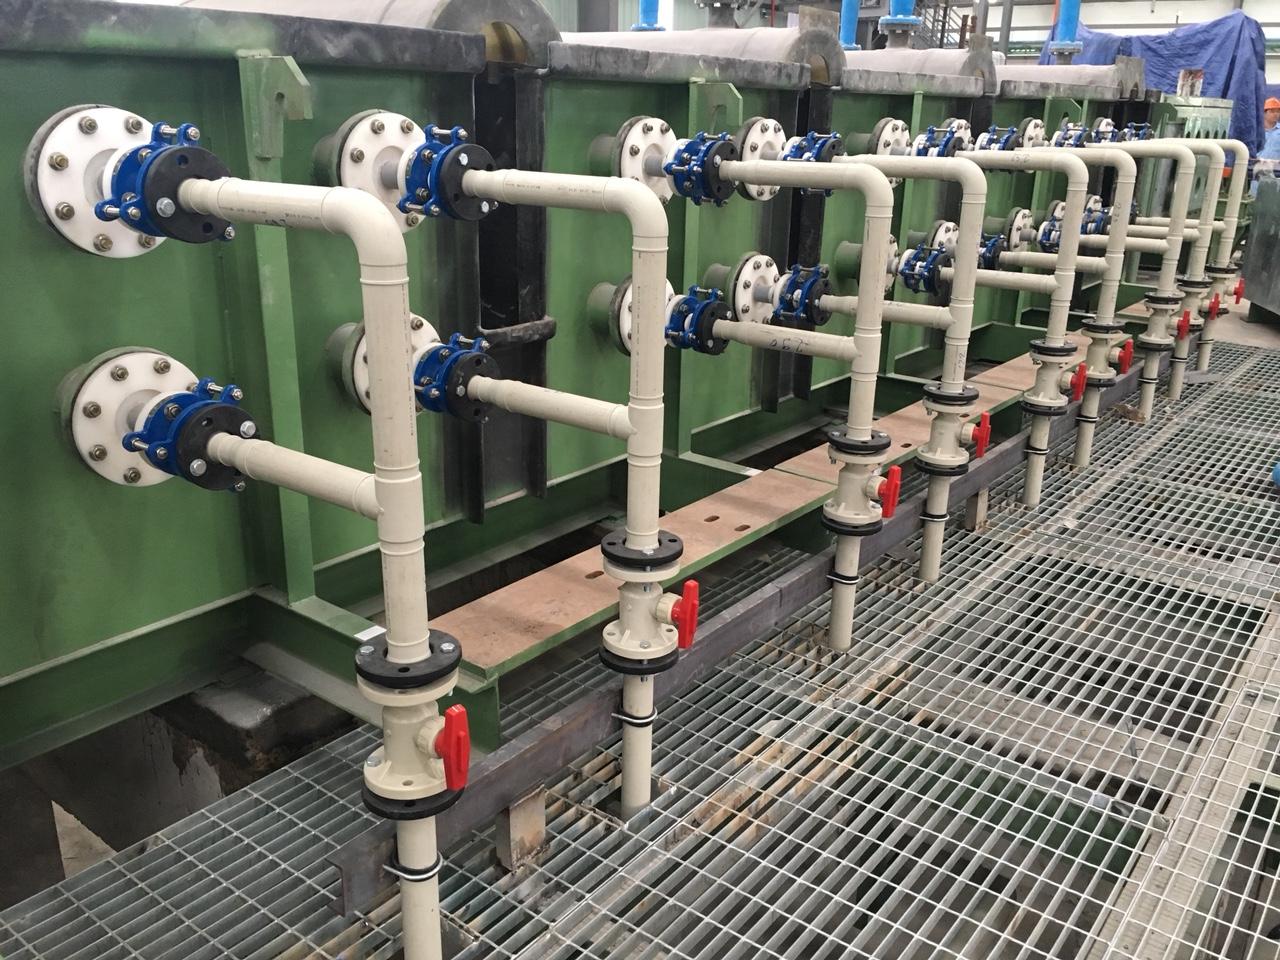 Thi công nghệ thống ống công nghệ